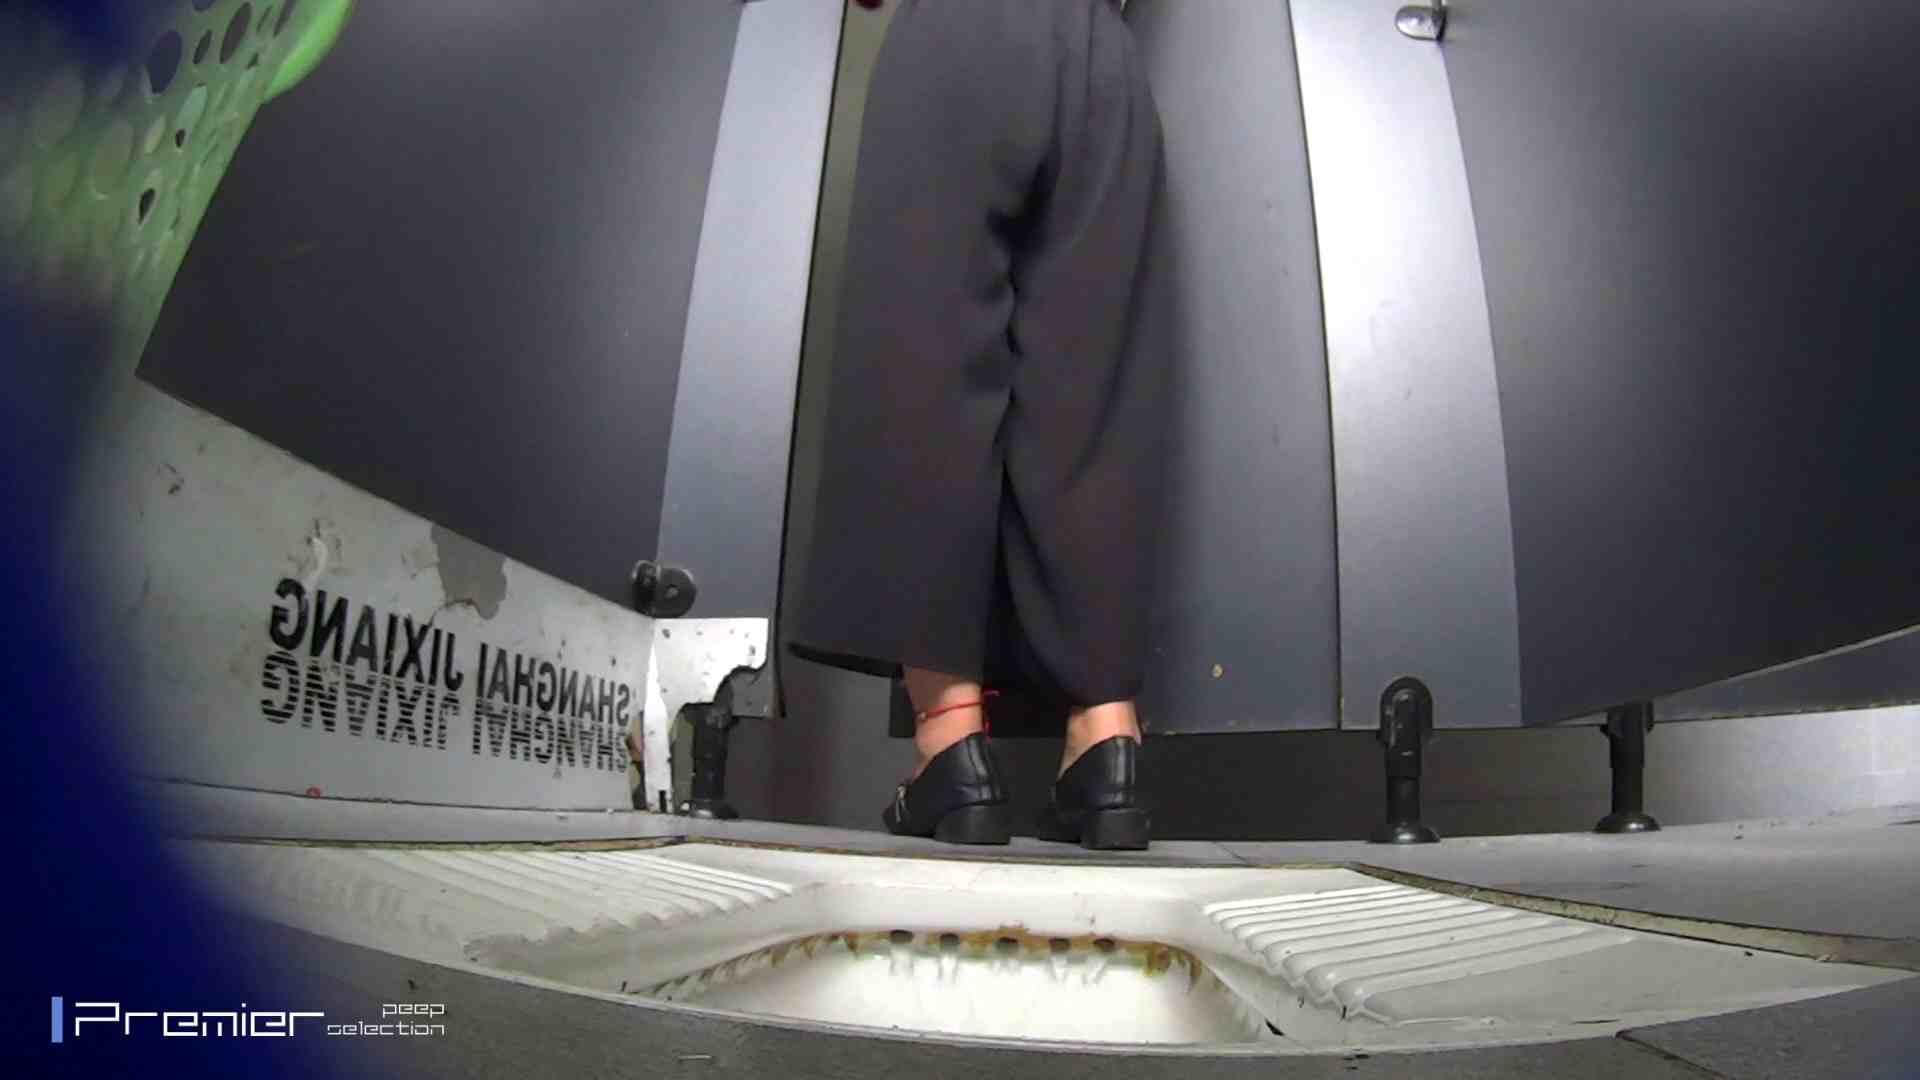 夏全開!ハーフパンツのギャル達 大学休憩時間の洗面所事情44 美肌 | 高評価  105画像 25